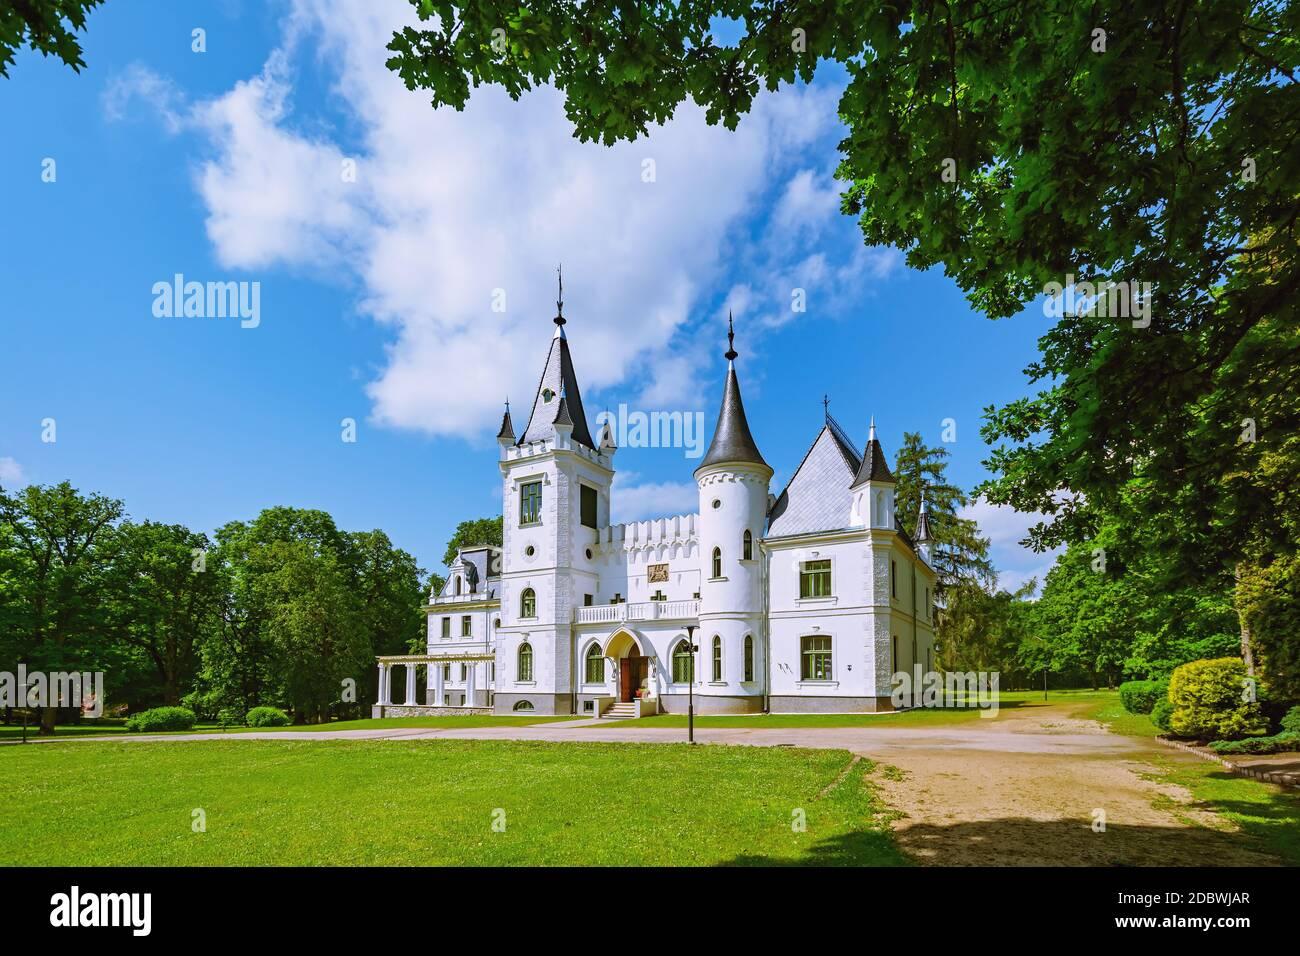 Ancien palais de Stameriena, Lettonie Banque D'Images